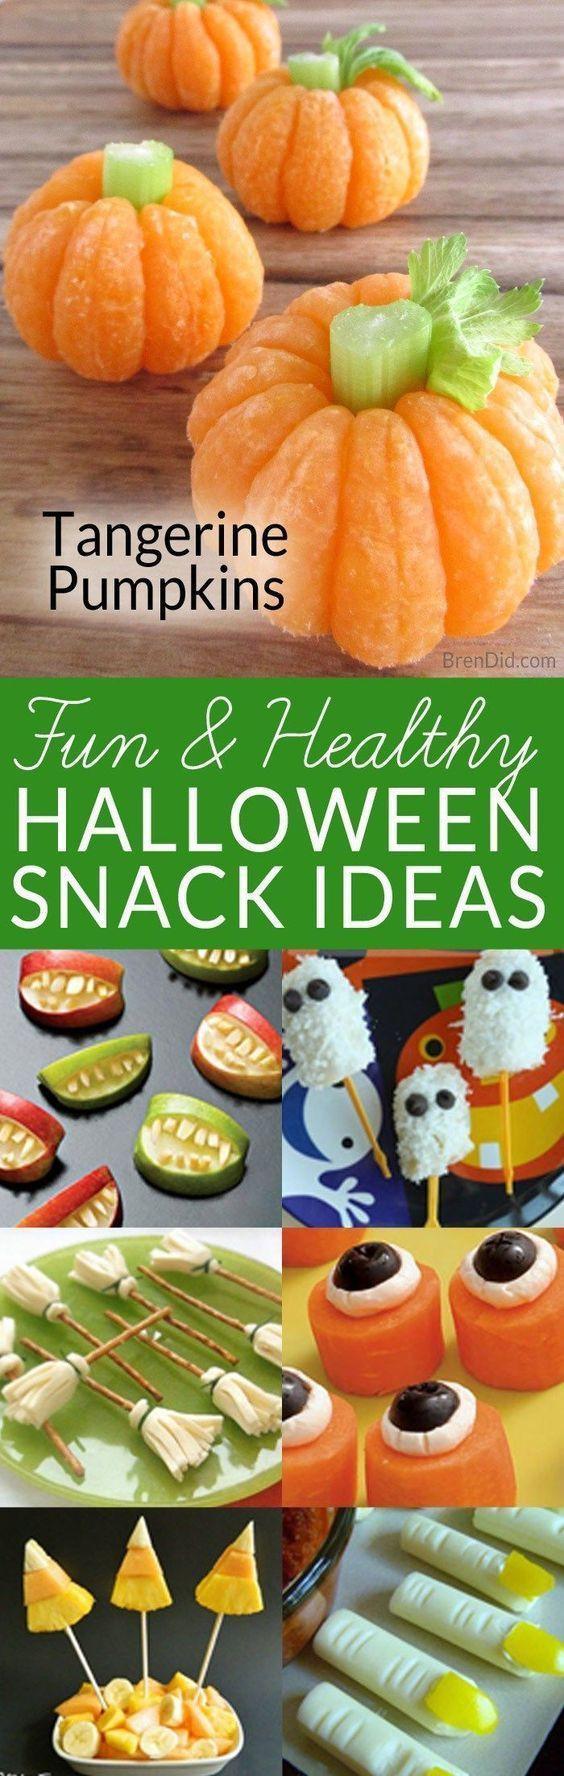 Halloween Healthy Snacks For Classroom  Best 25 Healthy classroom snacks ideas only on Pinterest